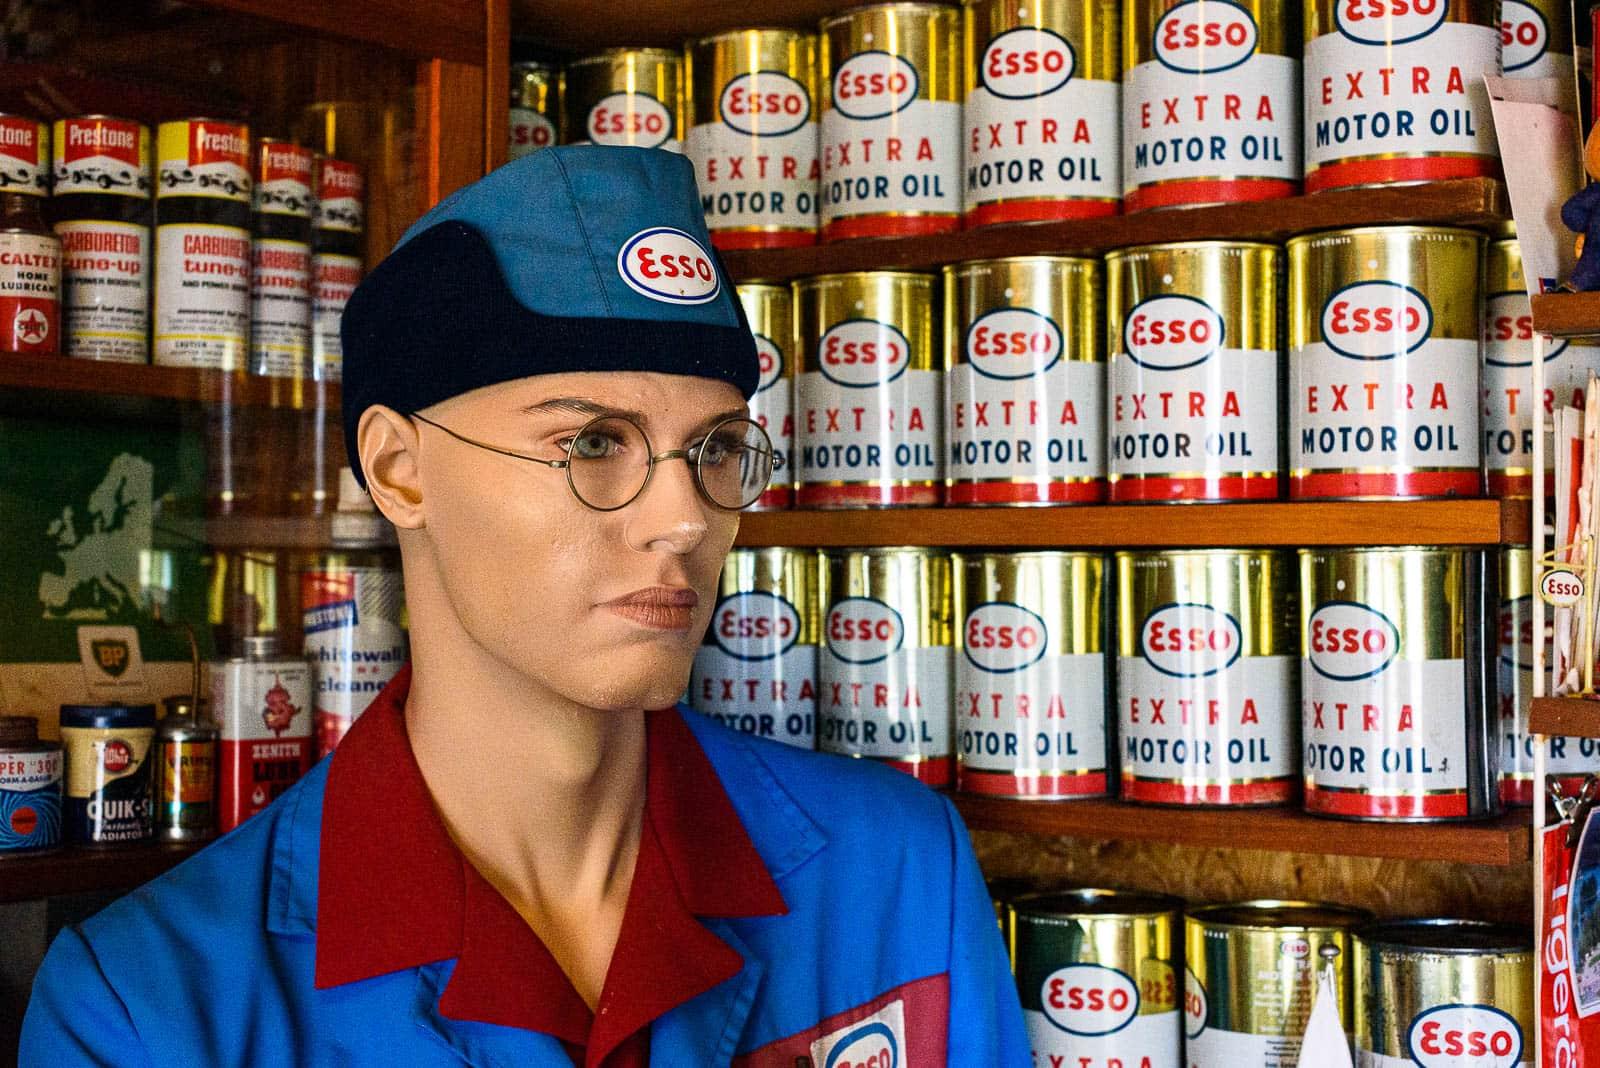 Esso Museum - Essomannen